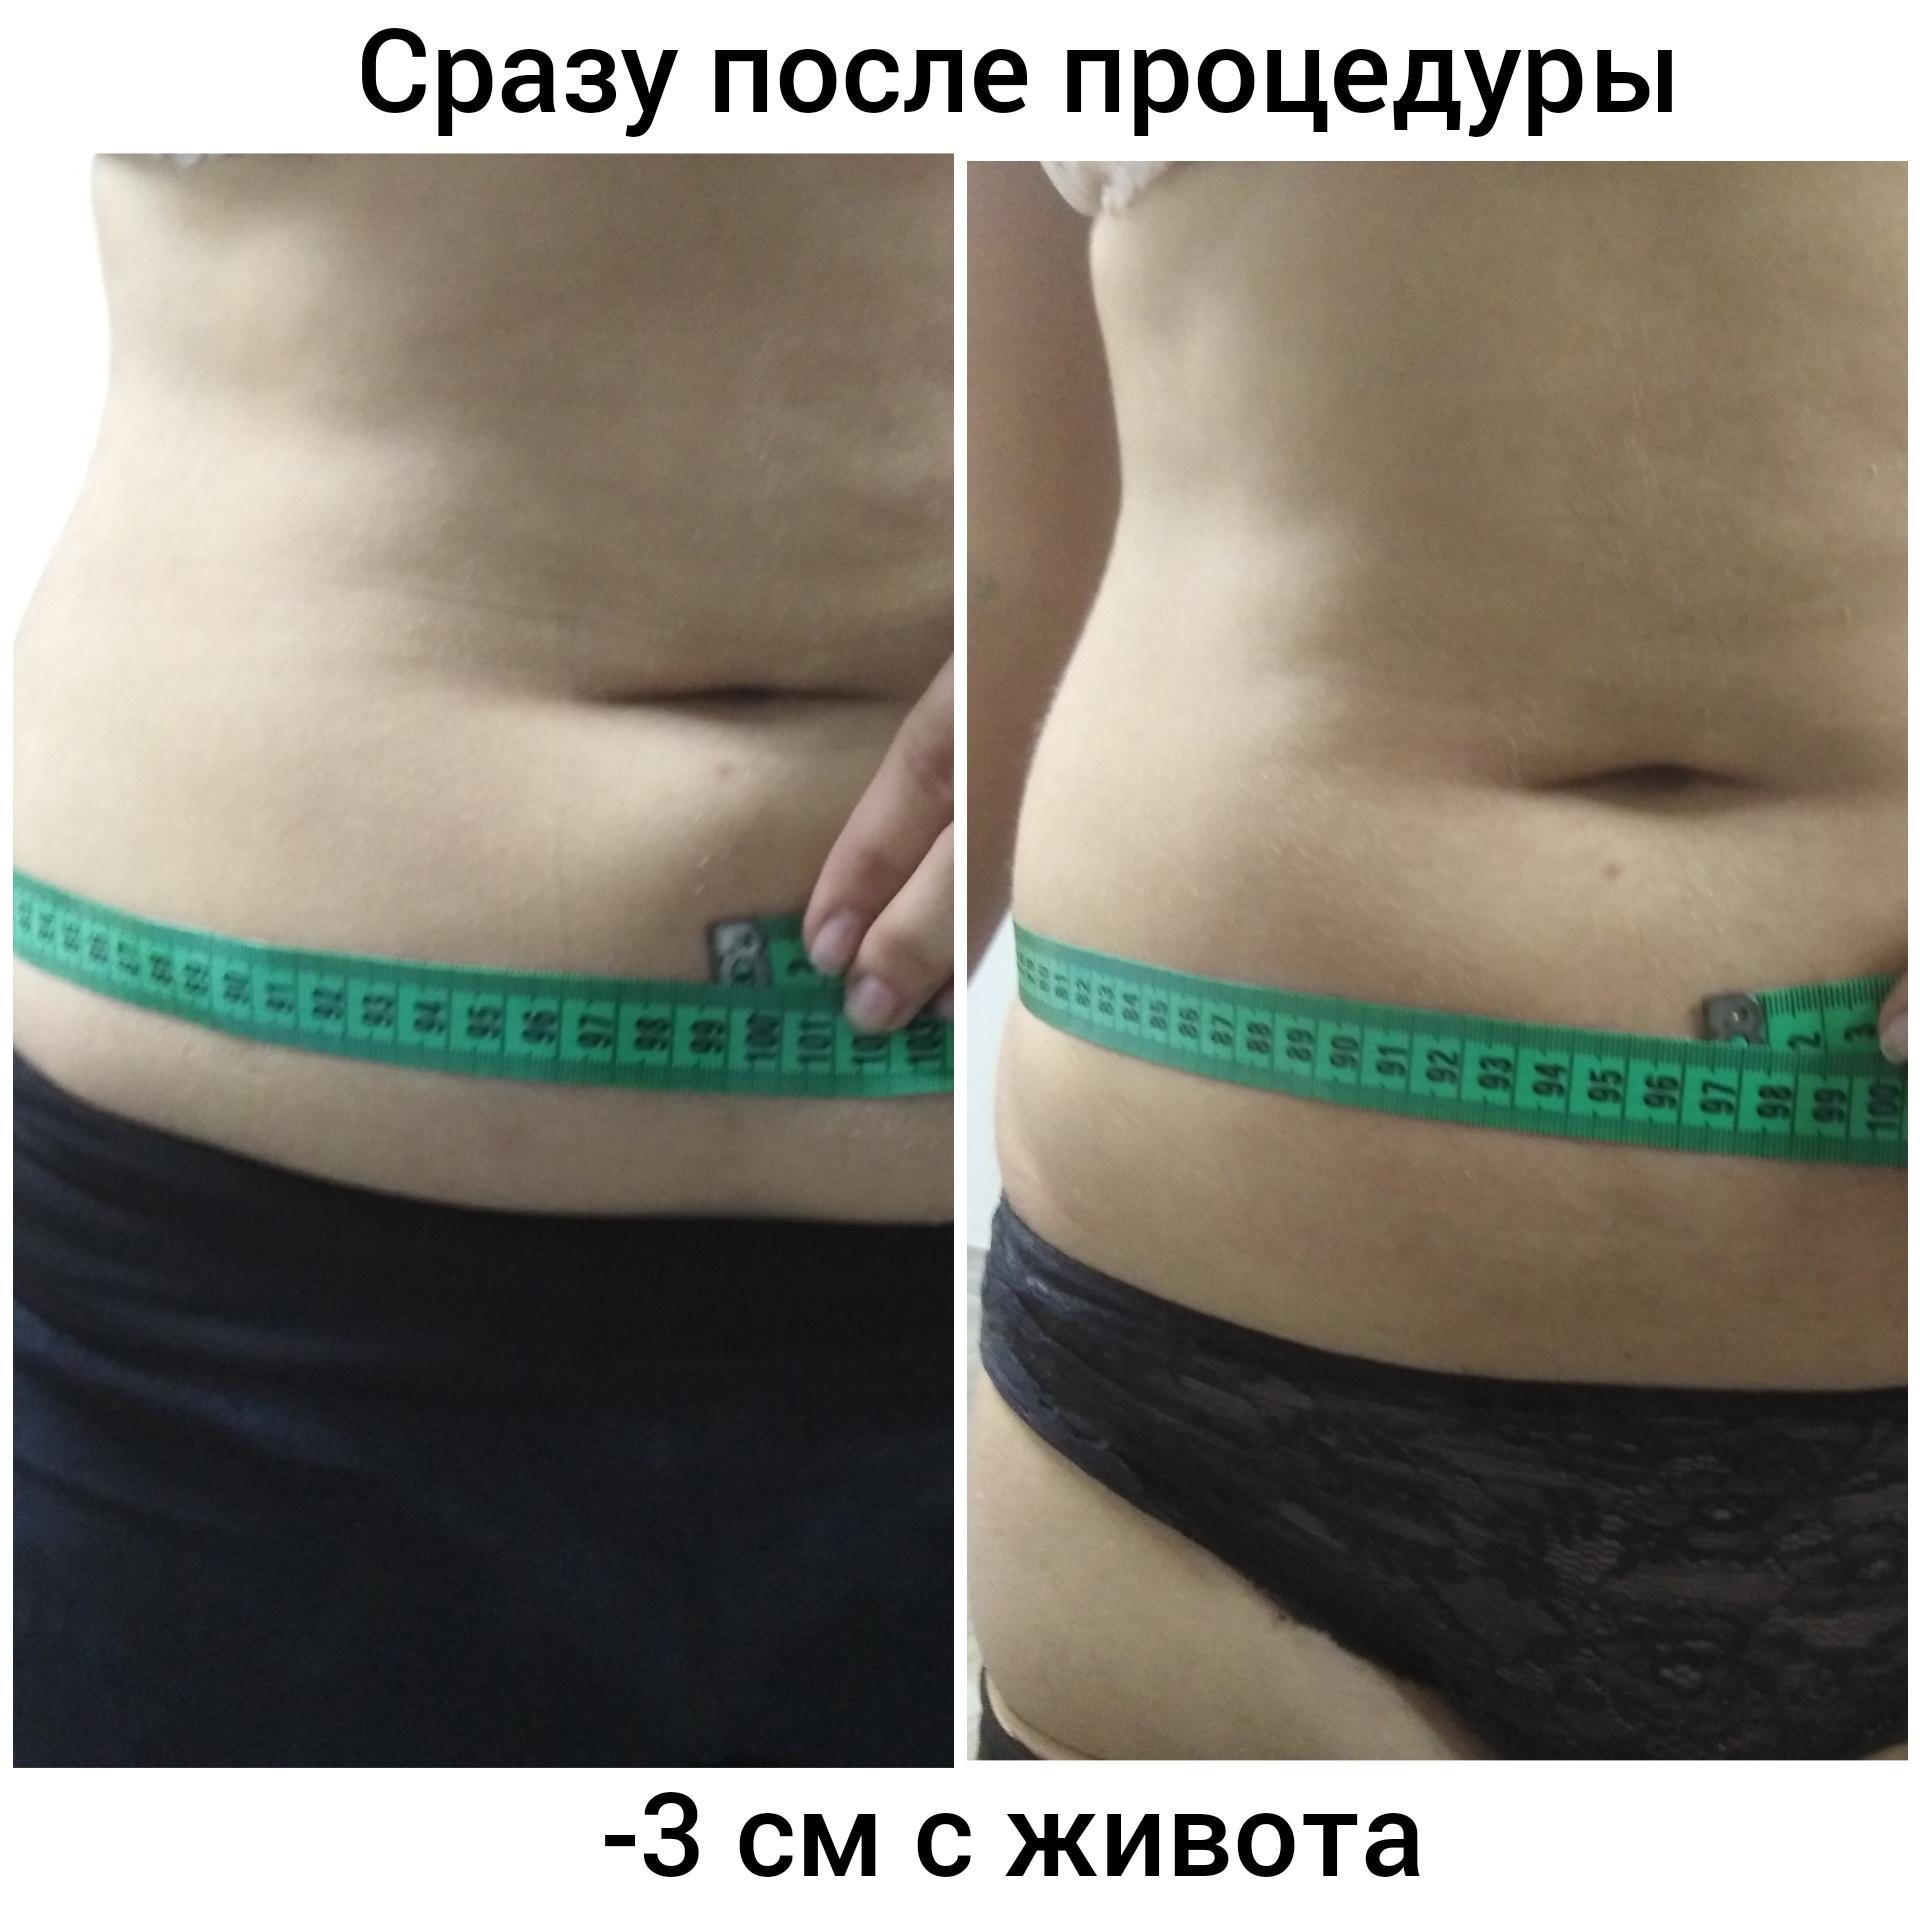 Акция-70%НАГОРНАЯ /РЯЗАНСКИЙ ПРОСПЕКТ